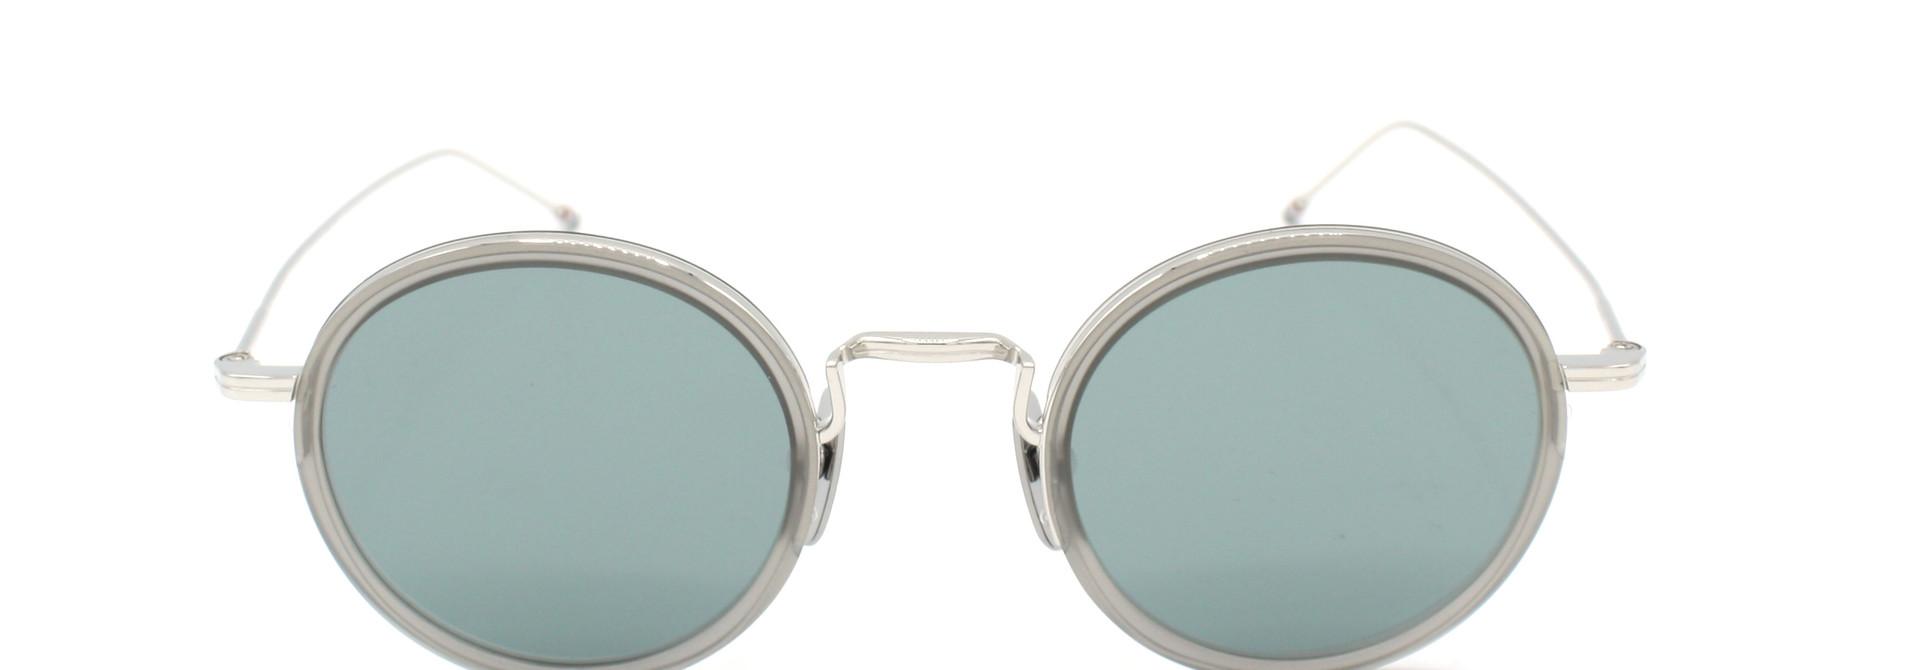 Thom Browne - TBS906-46-03 - TB-906 // Satin Crystal Grey - Silver w/ Dark Grey - Silver Flash Mirror AR